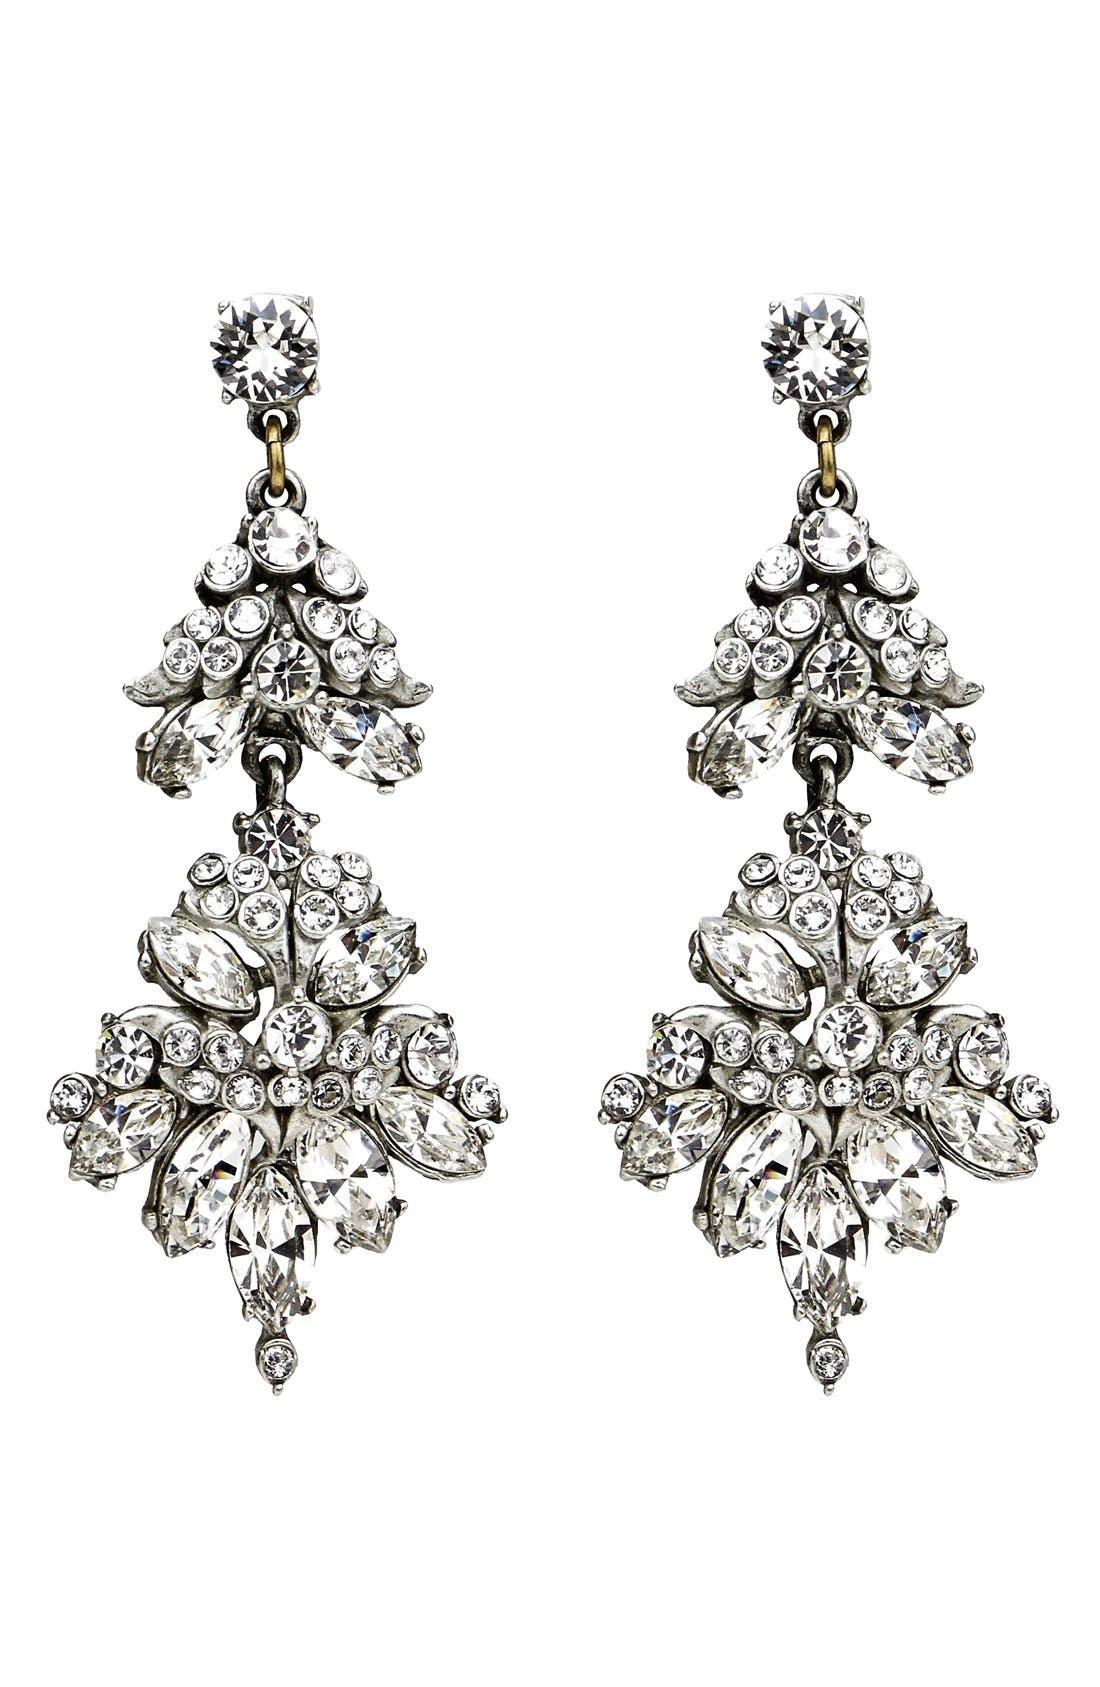 Main Image - Ben-Amun Crystal Statement Earrings